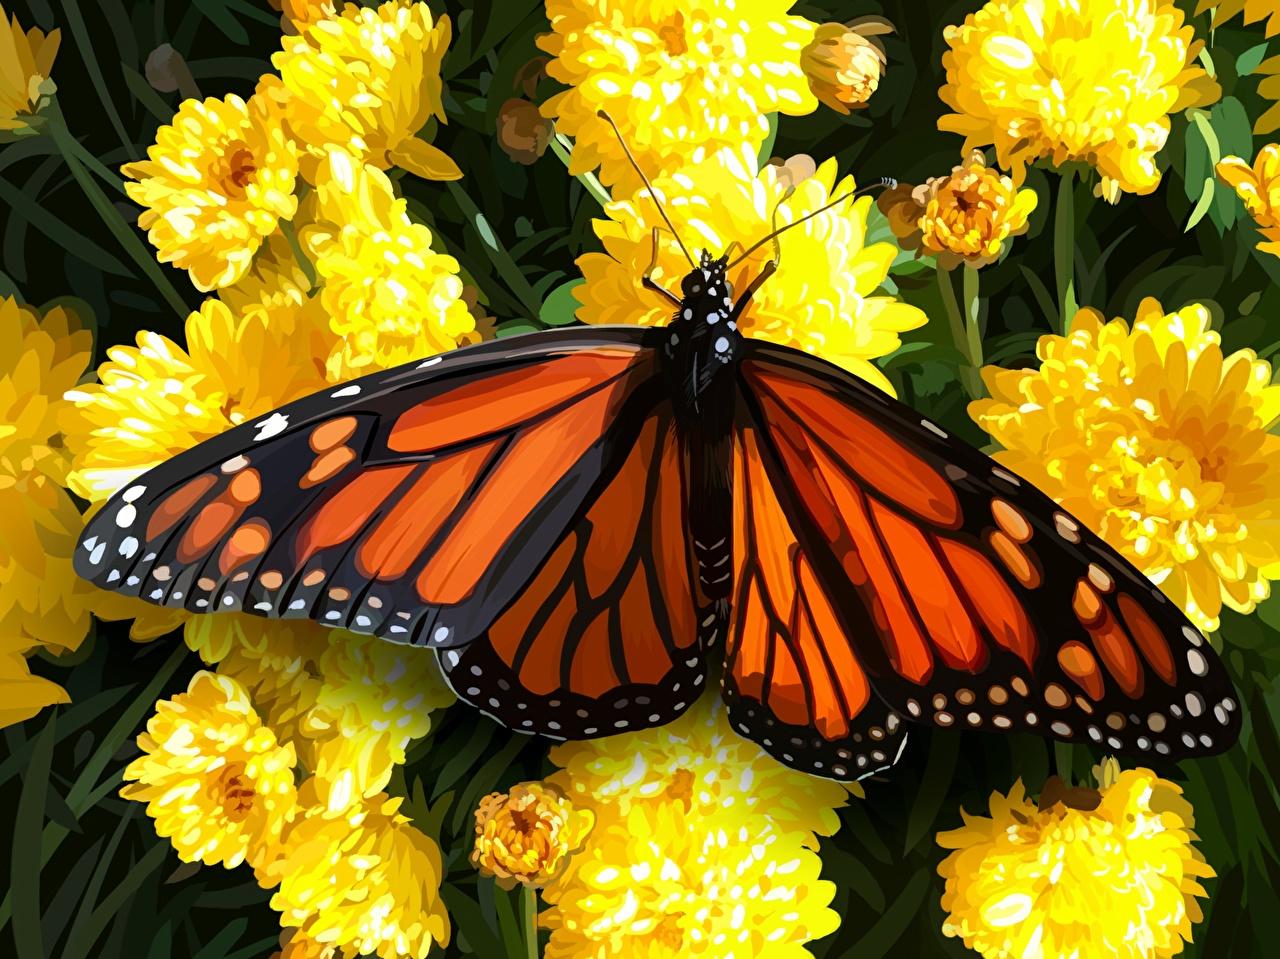 Обои для рабочего стола Данаида монарх Бабочки вблизи животное бабочка Животные Крупным планом